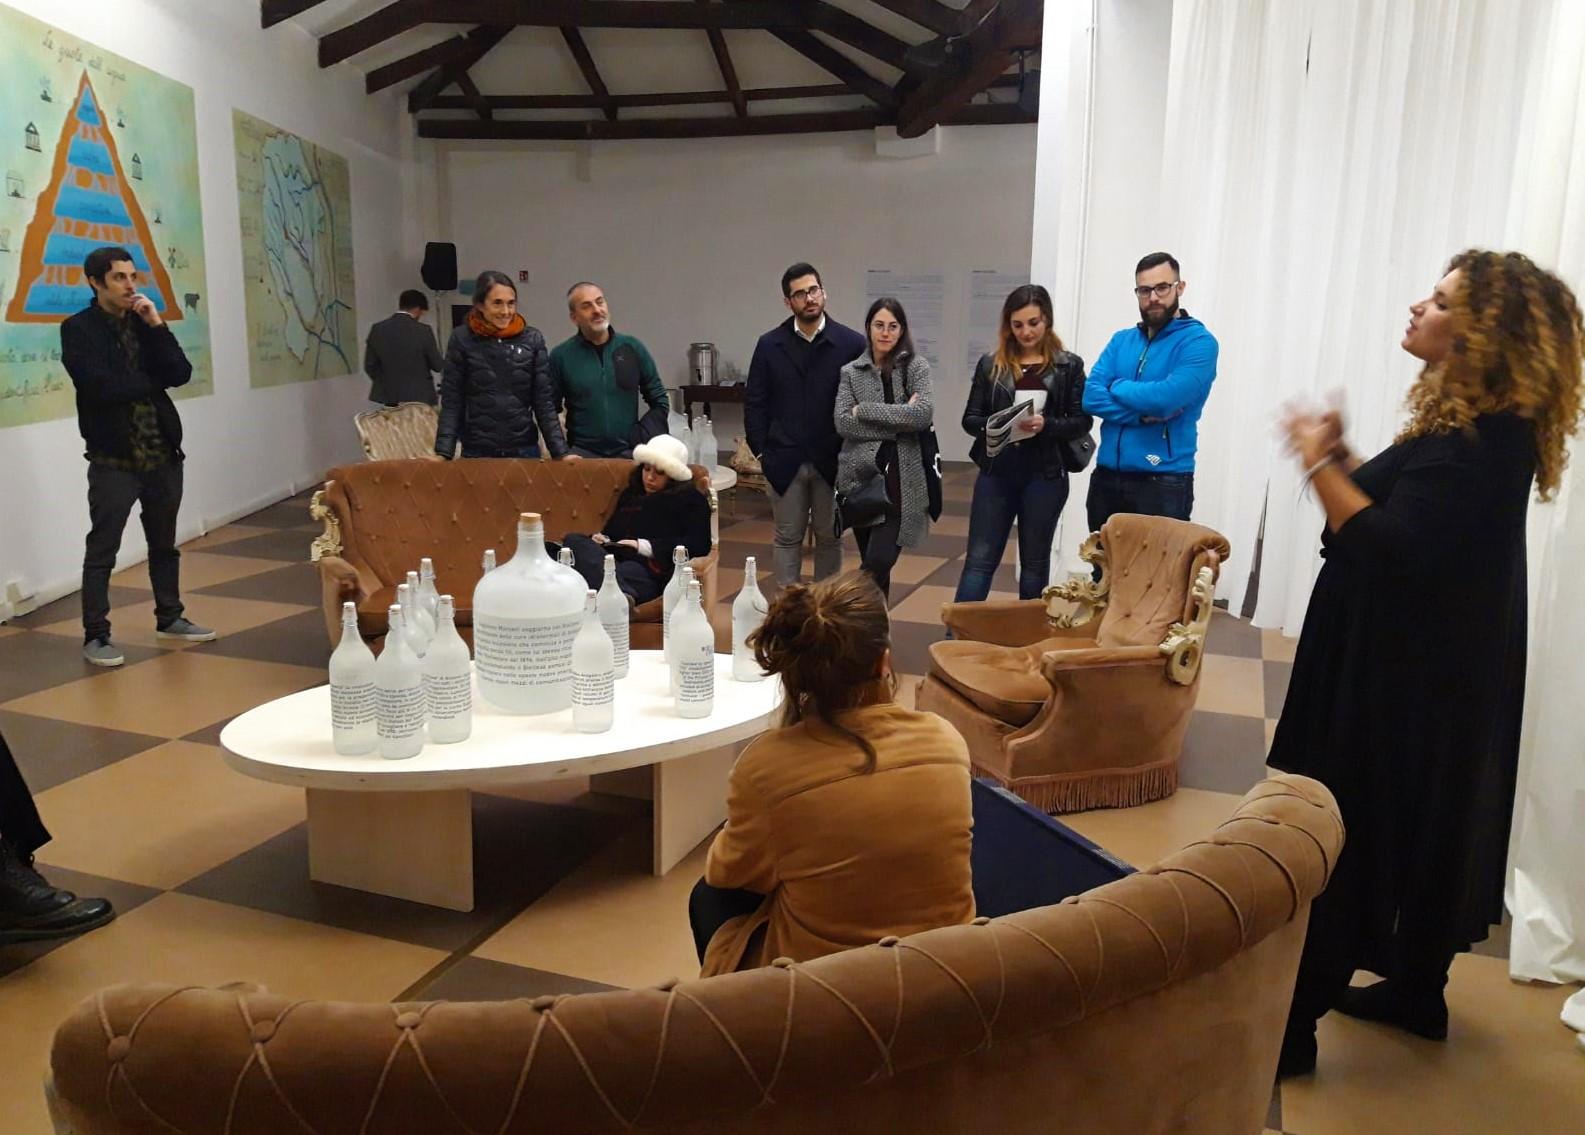 biella futuro costruisce con arte al centro 1571058094